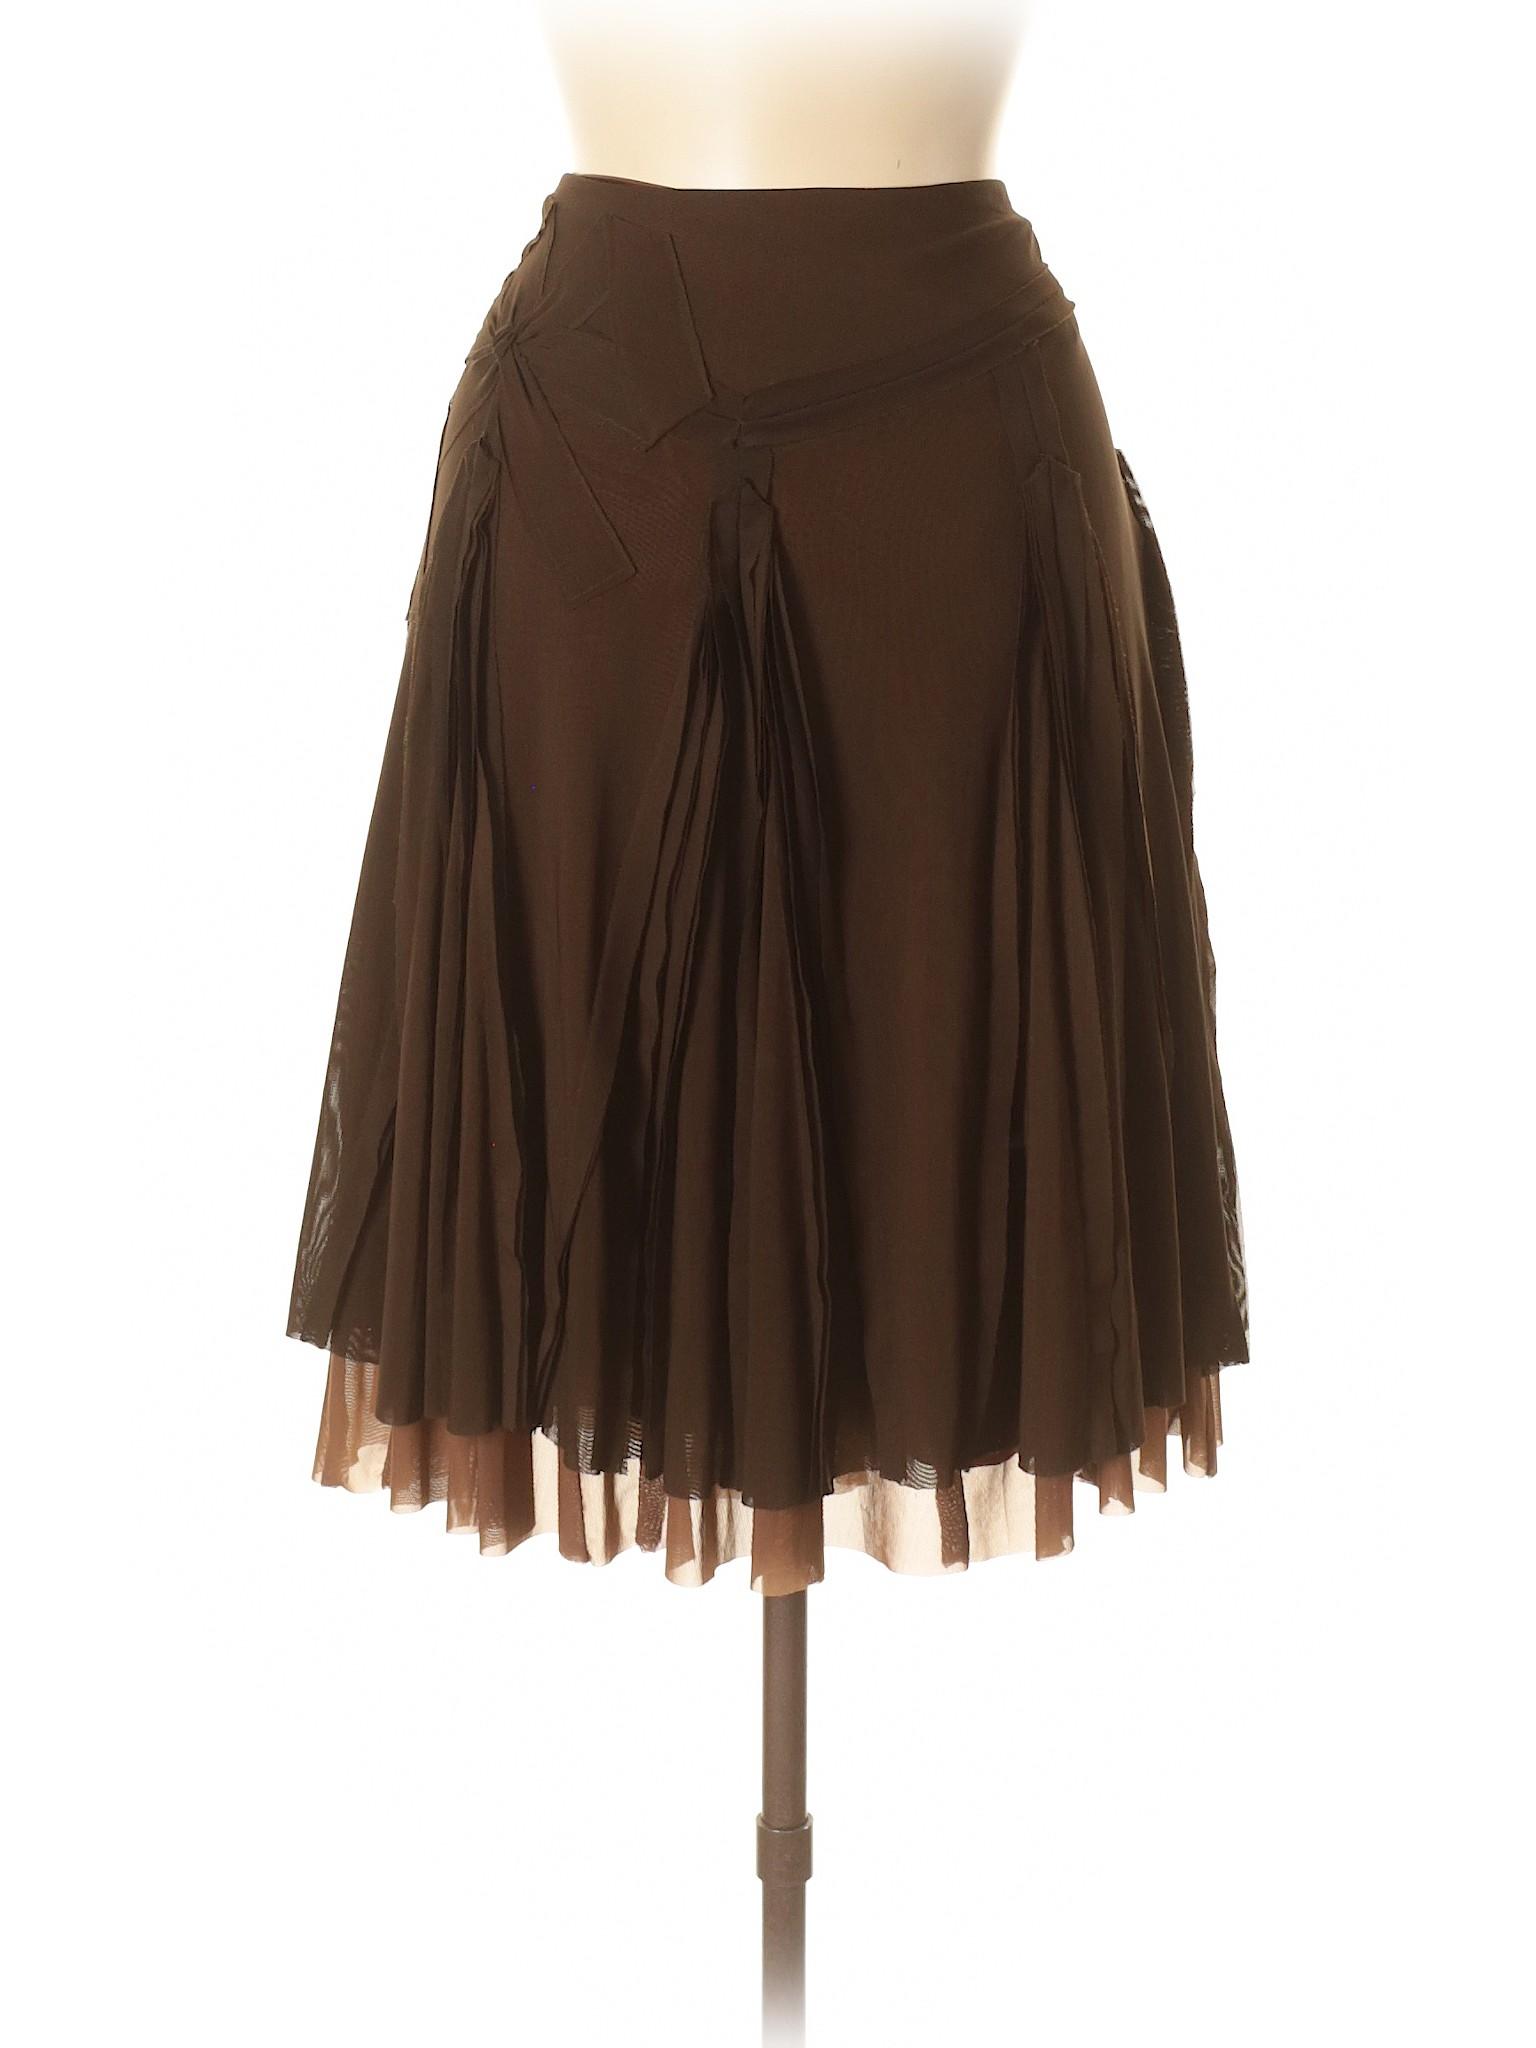 Casual Boutique Boutique Boutique Boutique Skirt Boutique Casual Casual Skirt Skirt Skirt Casual RqUOBHx